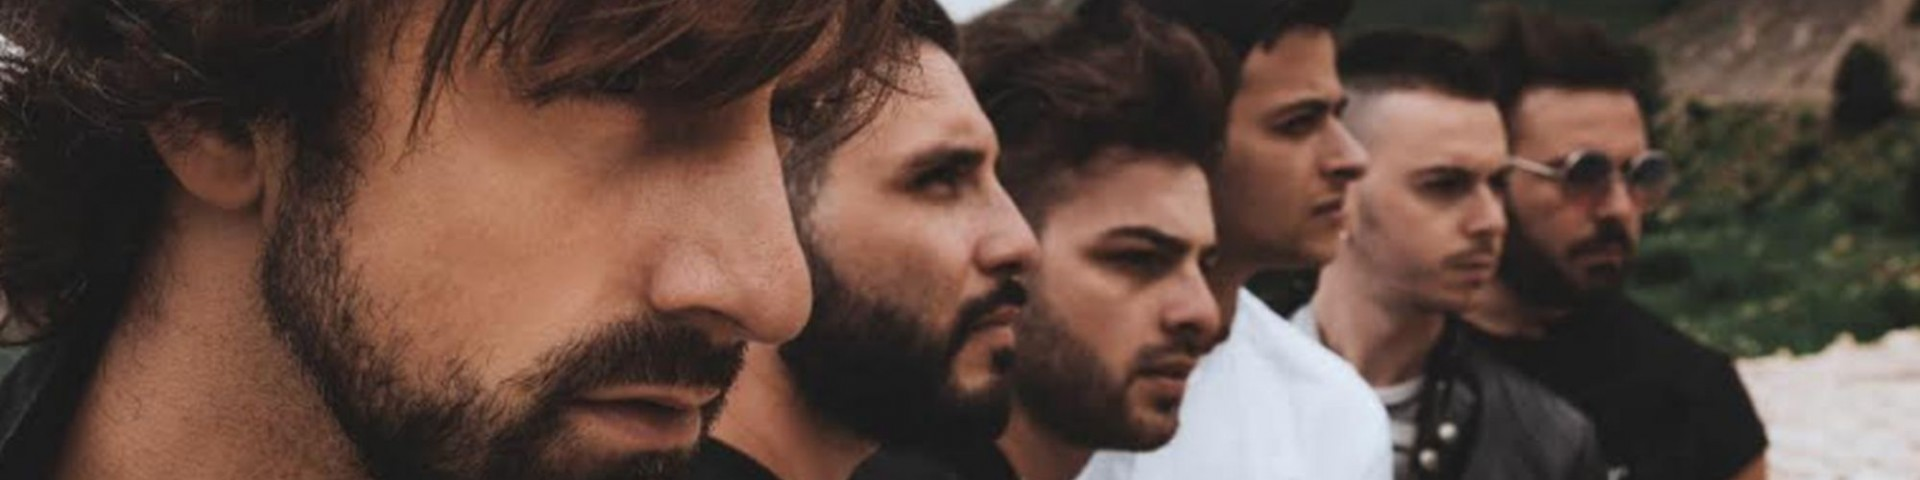 """La Rua al Concerto del Primo Maggio: """"Abbiamo già nuovi brani"""" – Video"""